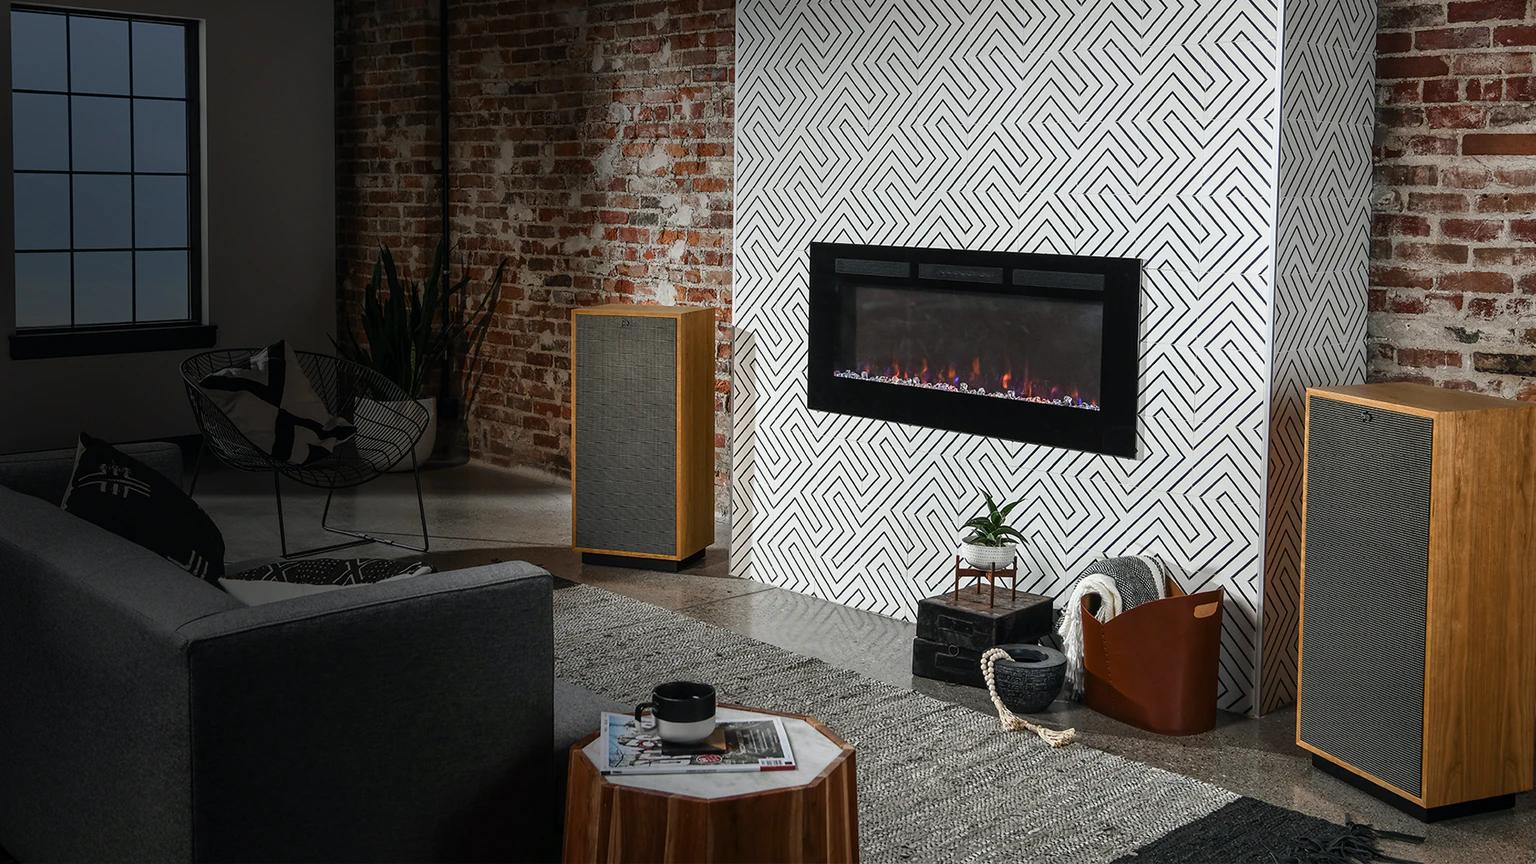 Klipsch Forte IV – Die Vollendung… High Performance, dafür stehe die Klipsch Heritage Forte IV, der neueste Spross der Klipsch Heritage Classic Premium Series und damit die neueste Generation eines Lautsprecher-Systems, das man durchaus als einen zeitlosen Klassiker bezeichnen darf.